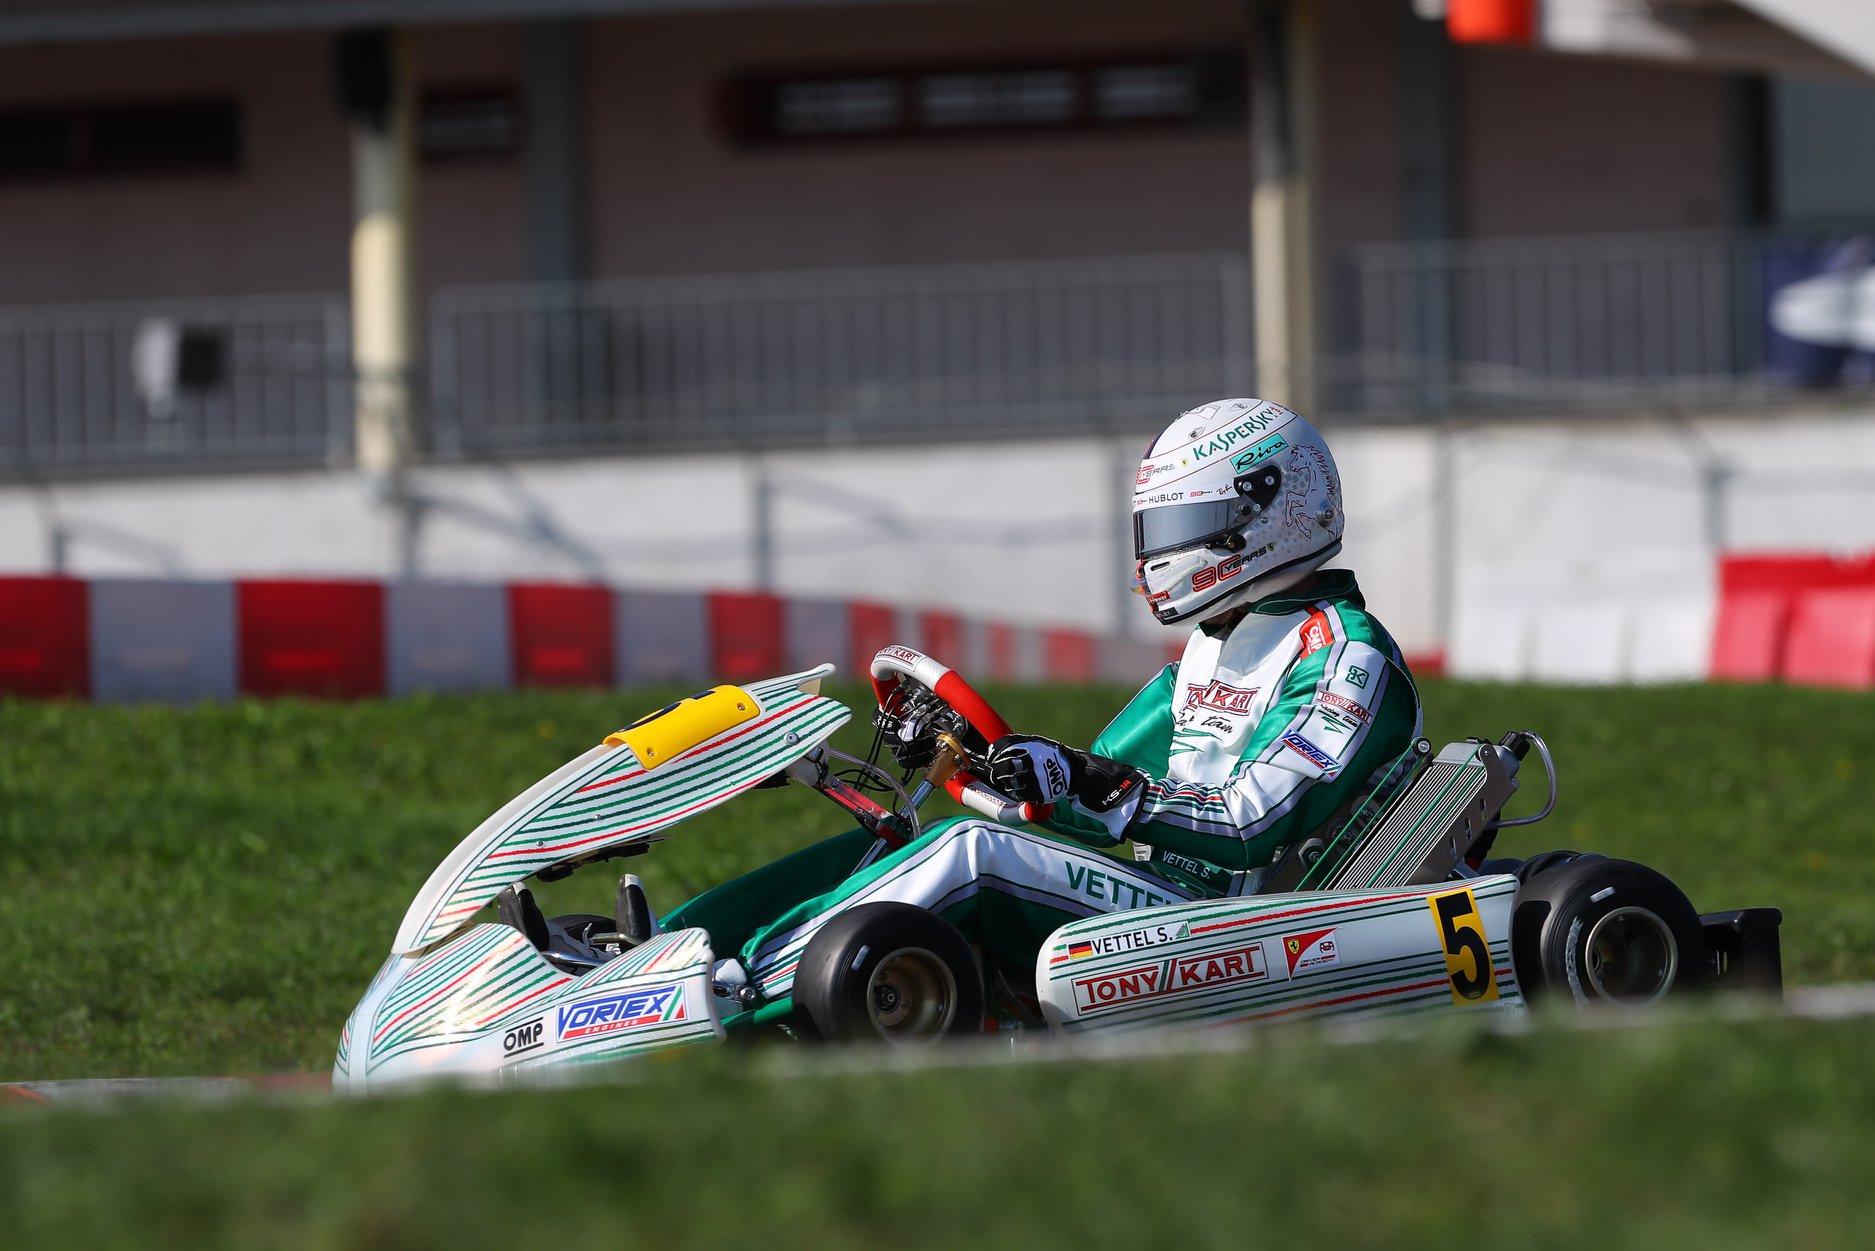 Sebastian_Vettel_testing_Tony_Kart_0022